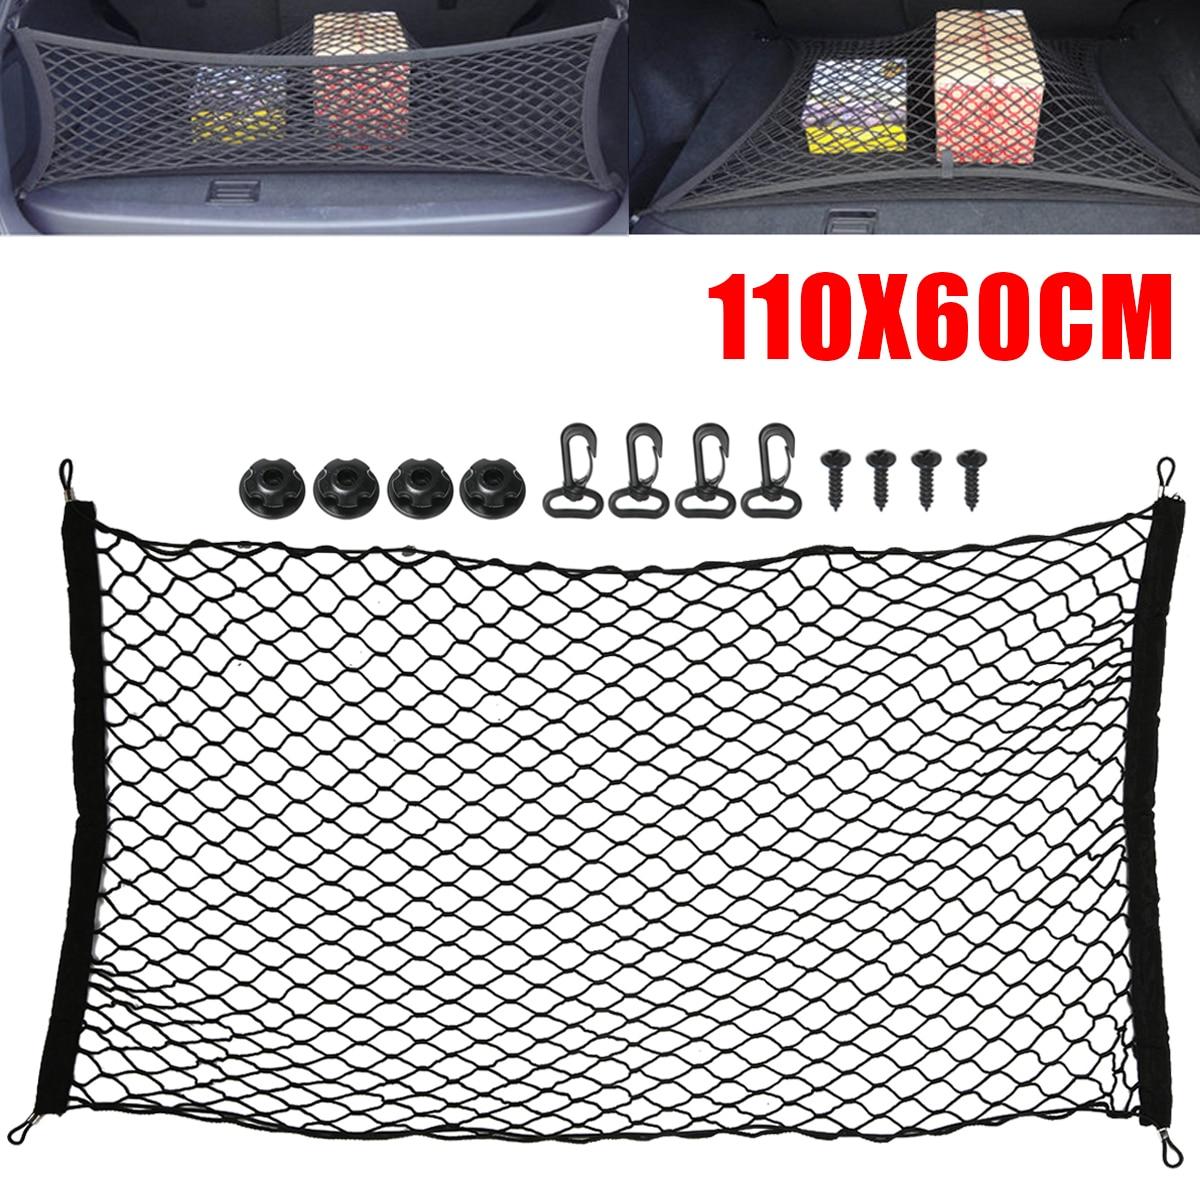 Универсальный автомобильный багажник, задний багаж, нейлоновая эластичная сетка, 110x60 см, сетчатый держатель с 4 крючками, винты, адаптеры